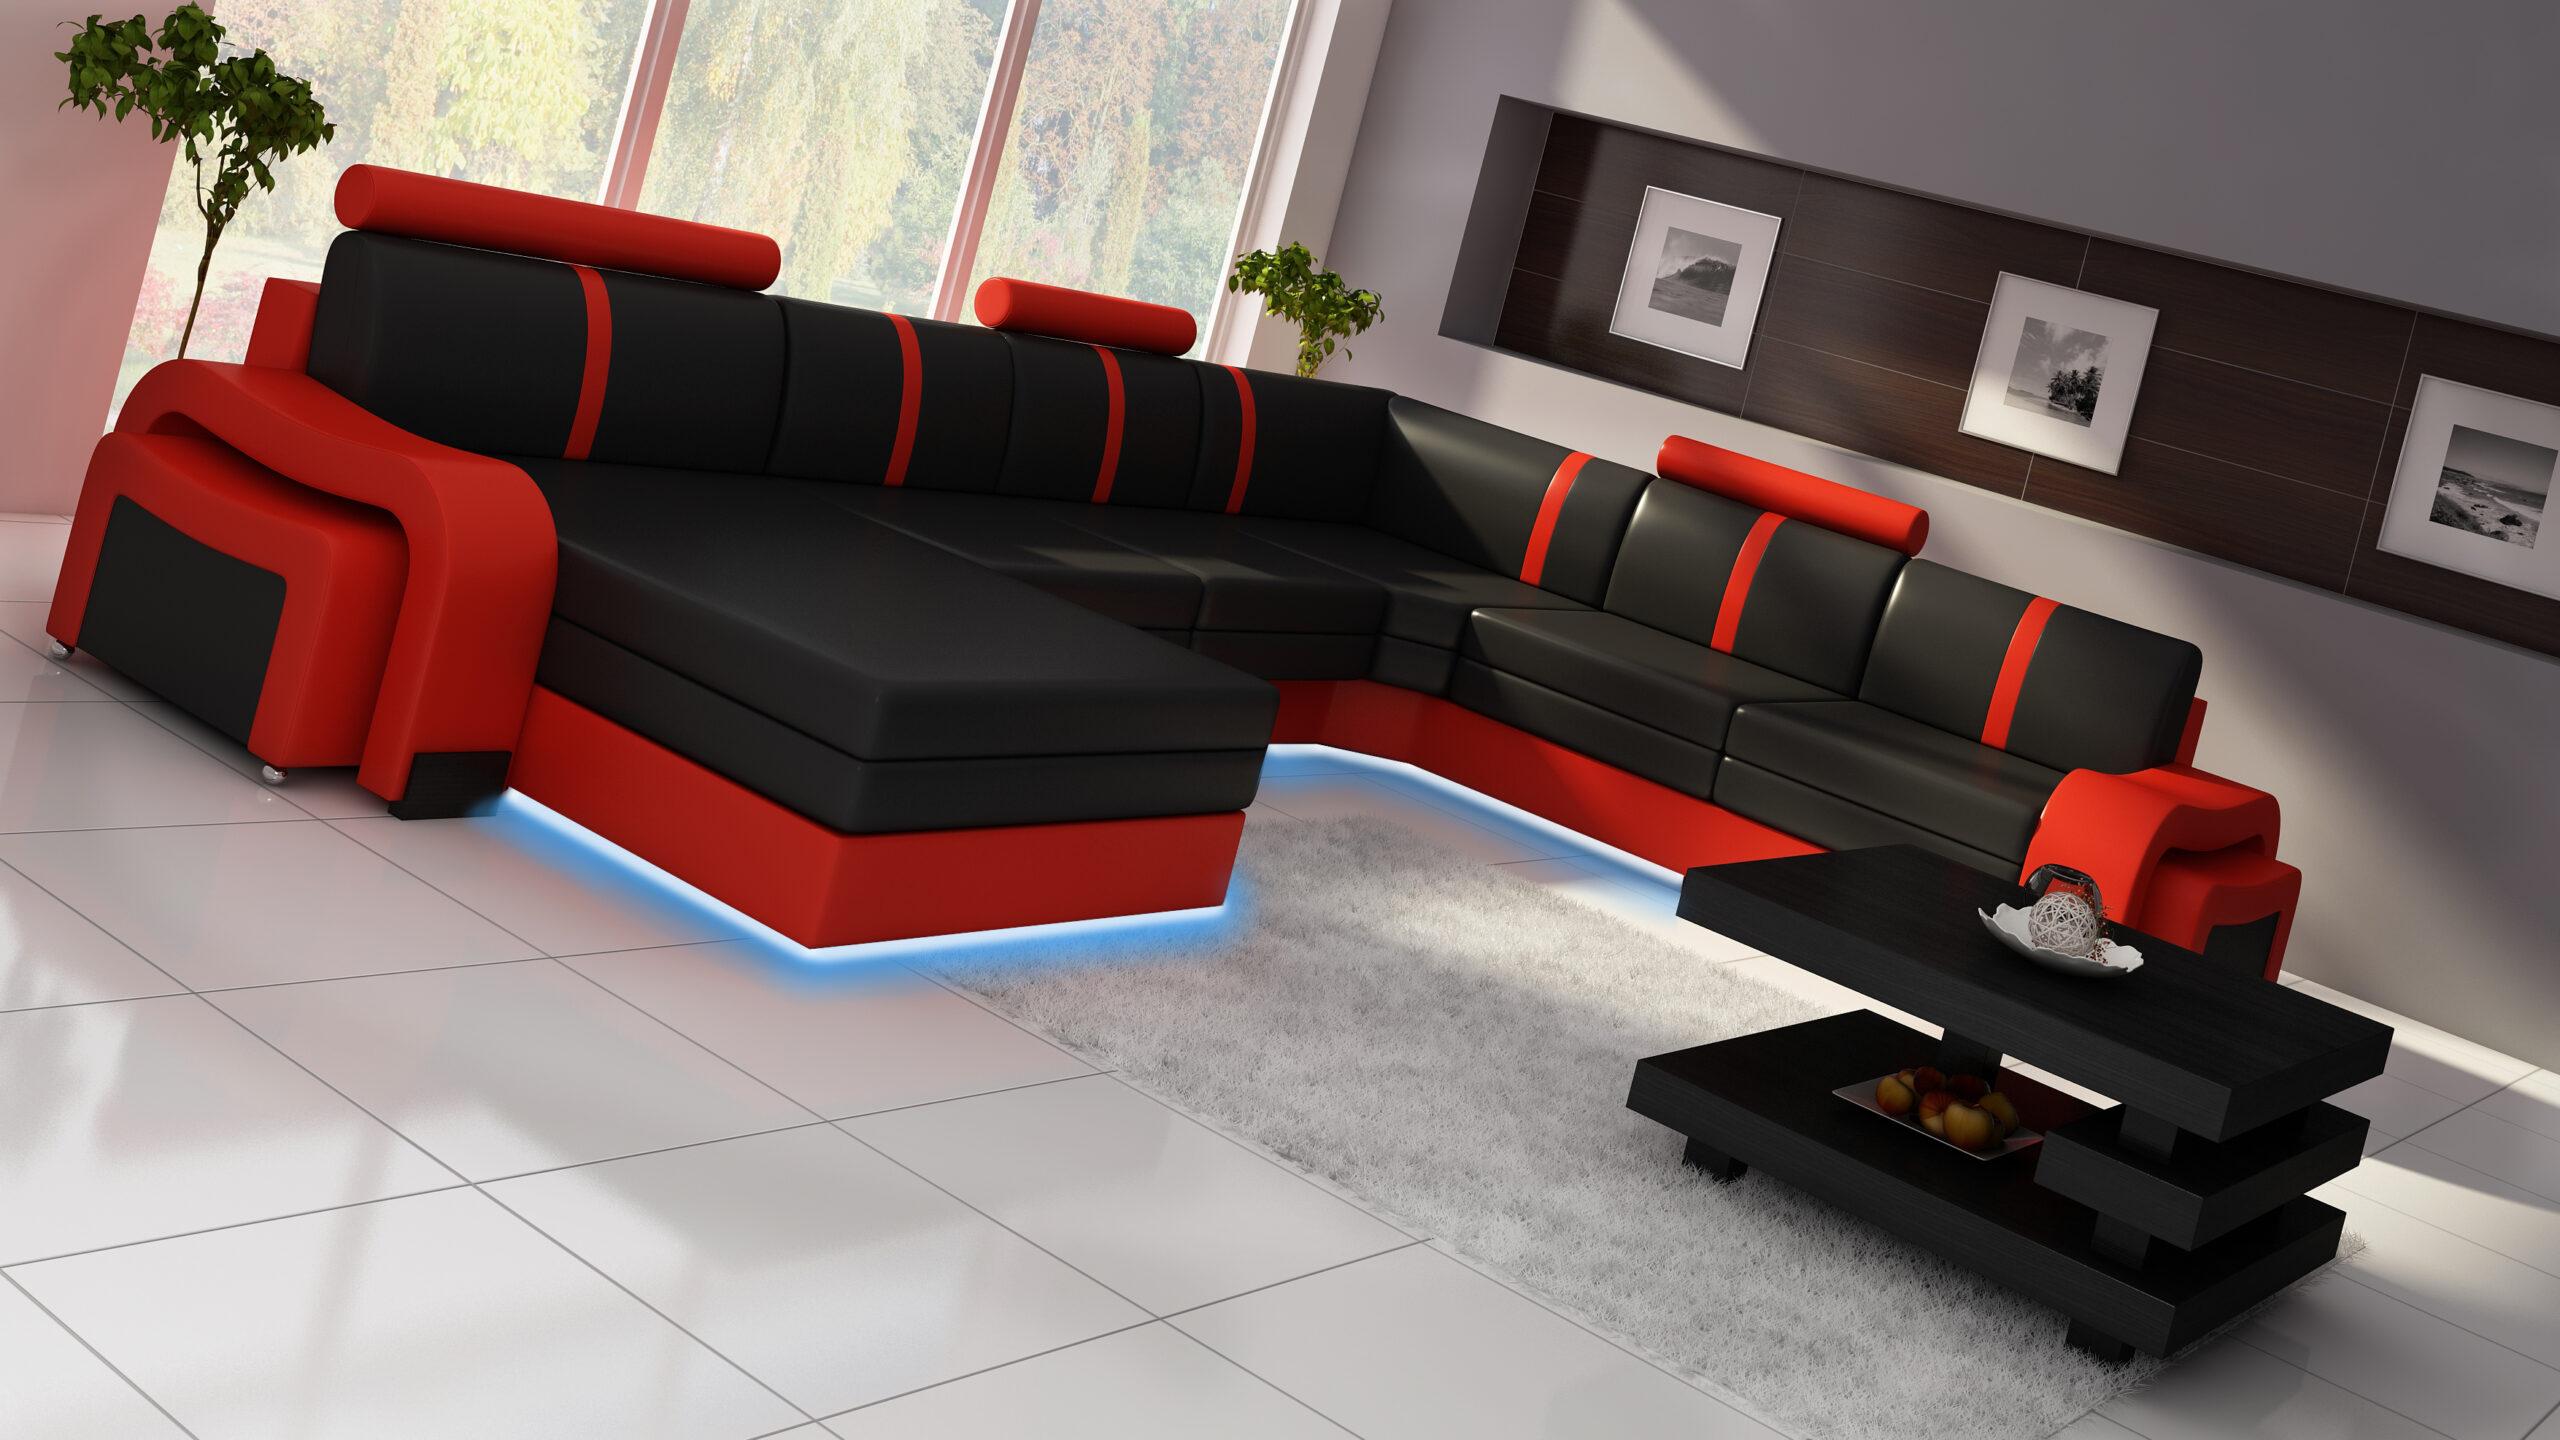 Full Size of Ecksofa Sofa Couch Polster Eck Leder Garnitur Wohnlandschaft Kissen Le Corbusier Wk Rund Ottomane Delife U Form 3 Teilig Landhaus Riess Ambiente Sitzer Mit Sofa Sofa Sofort Lieferbar